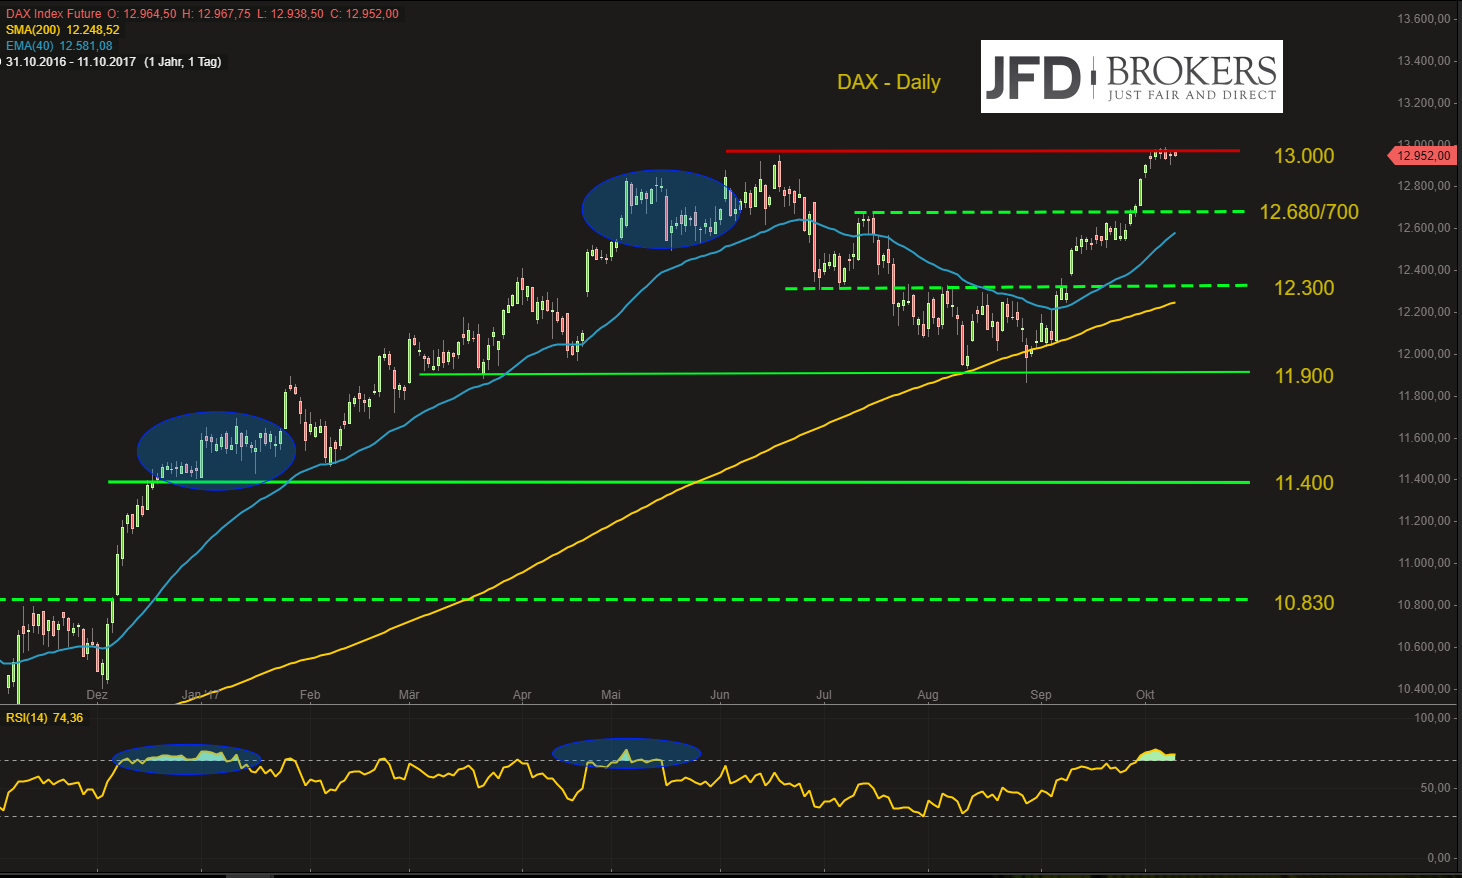 Die-Lethargie-im-DAX-hält-an-die-Hoffnung-auf-einen-schwarzen-Schwan-wächst-Kommentar-JFD-Brokers-GodmodeTrader.de-2